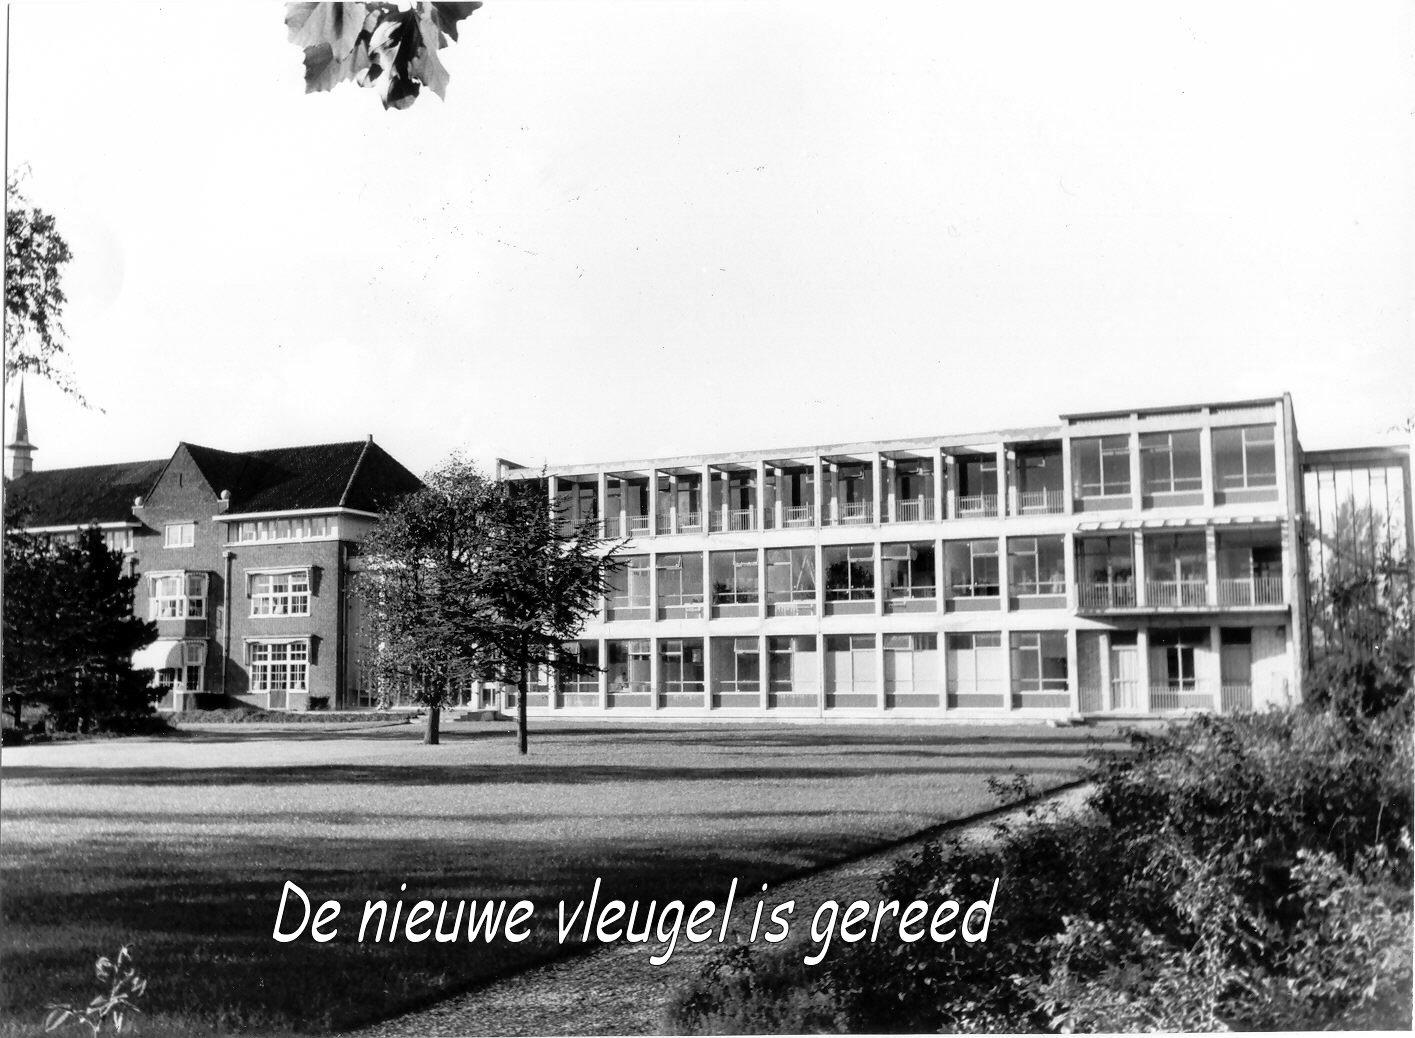 Het Van Weel-Bethesda Ziekenhuis met aangebouwde Zweedse vleugel